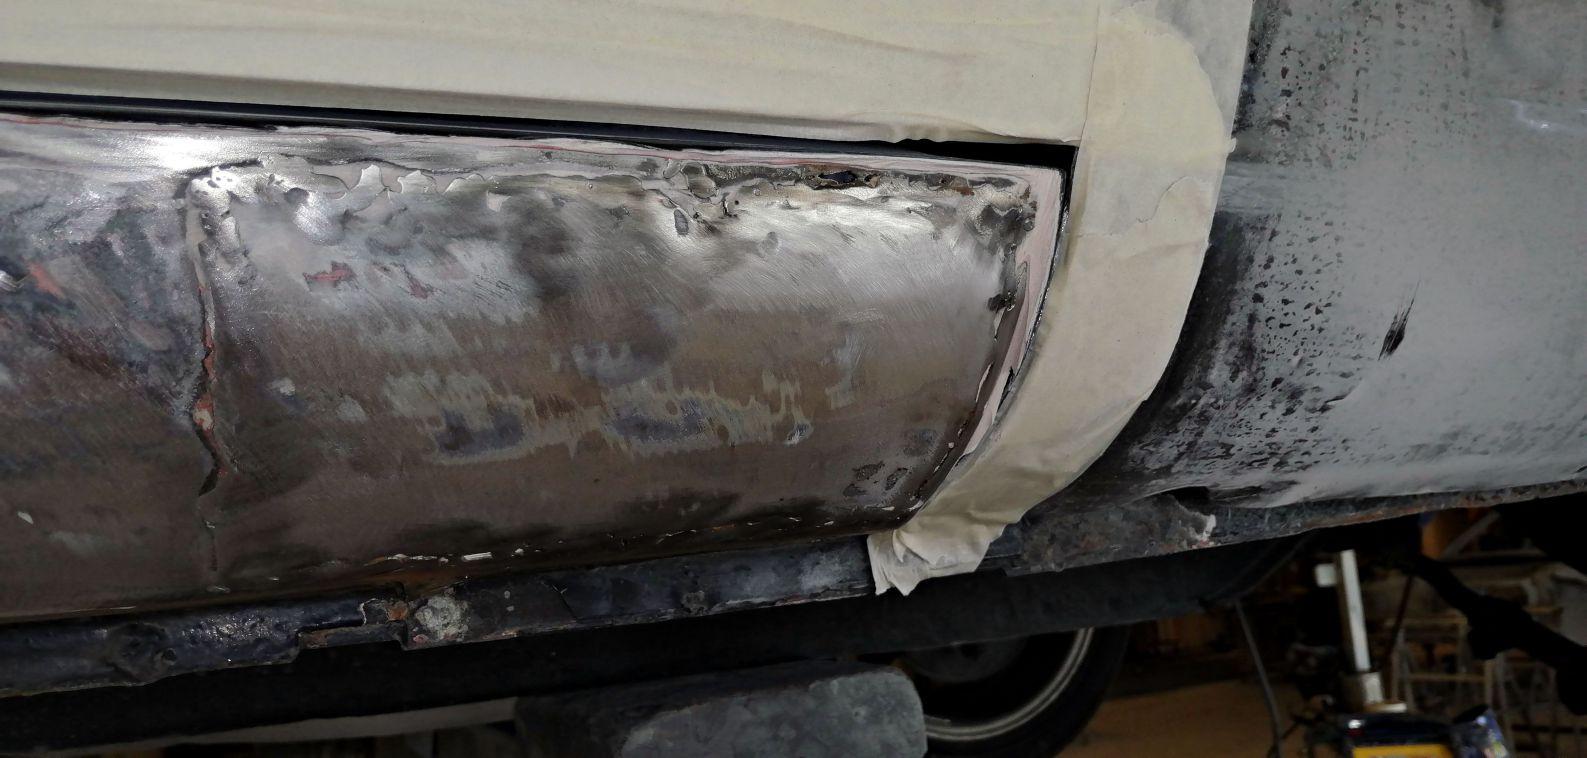 Réfection bas de caisse droit - FORD Mustang Fastback